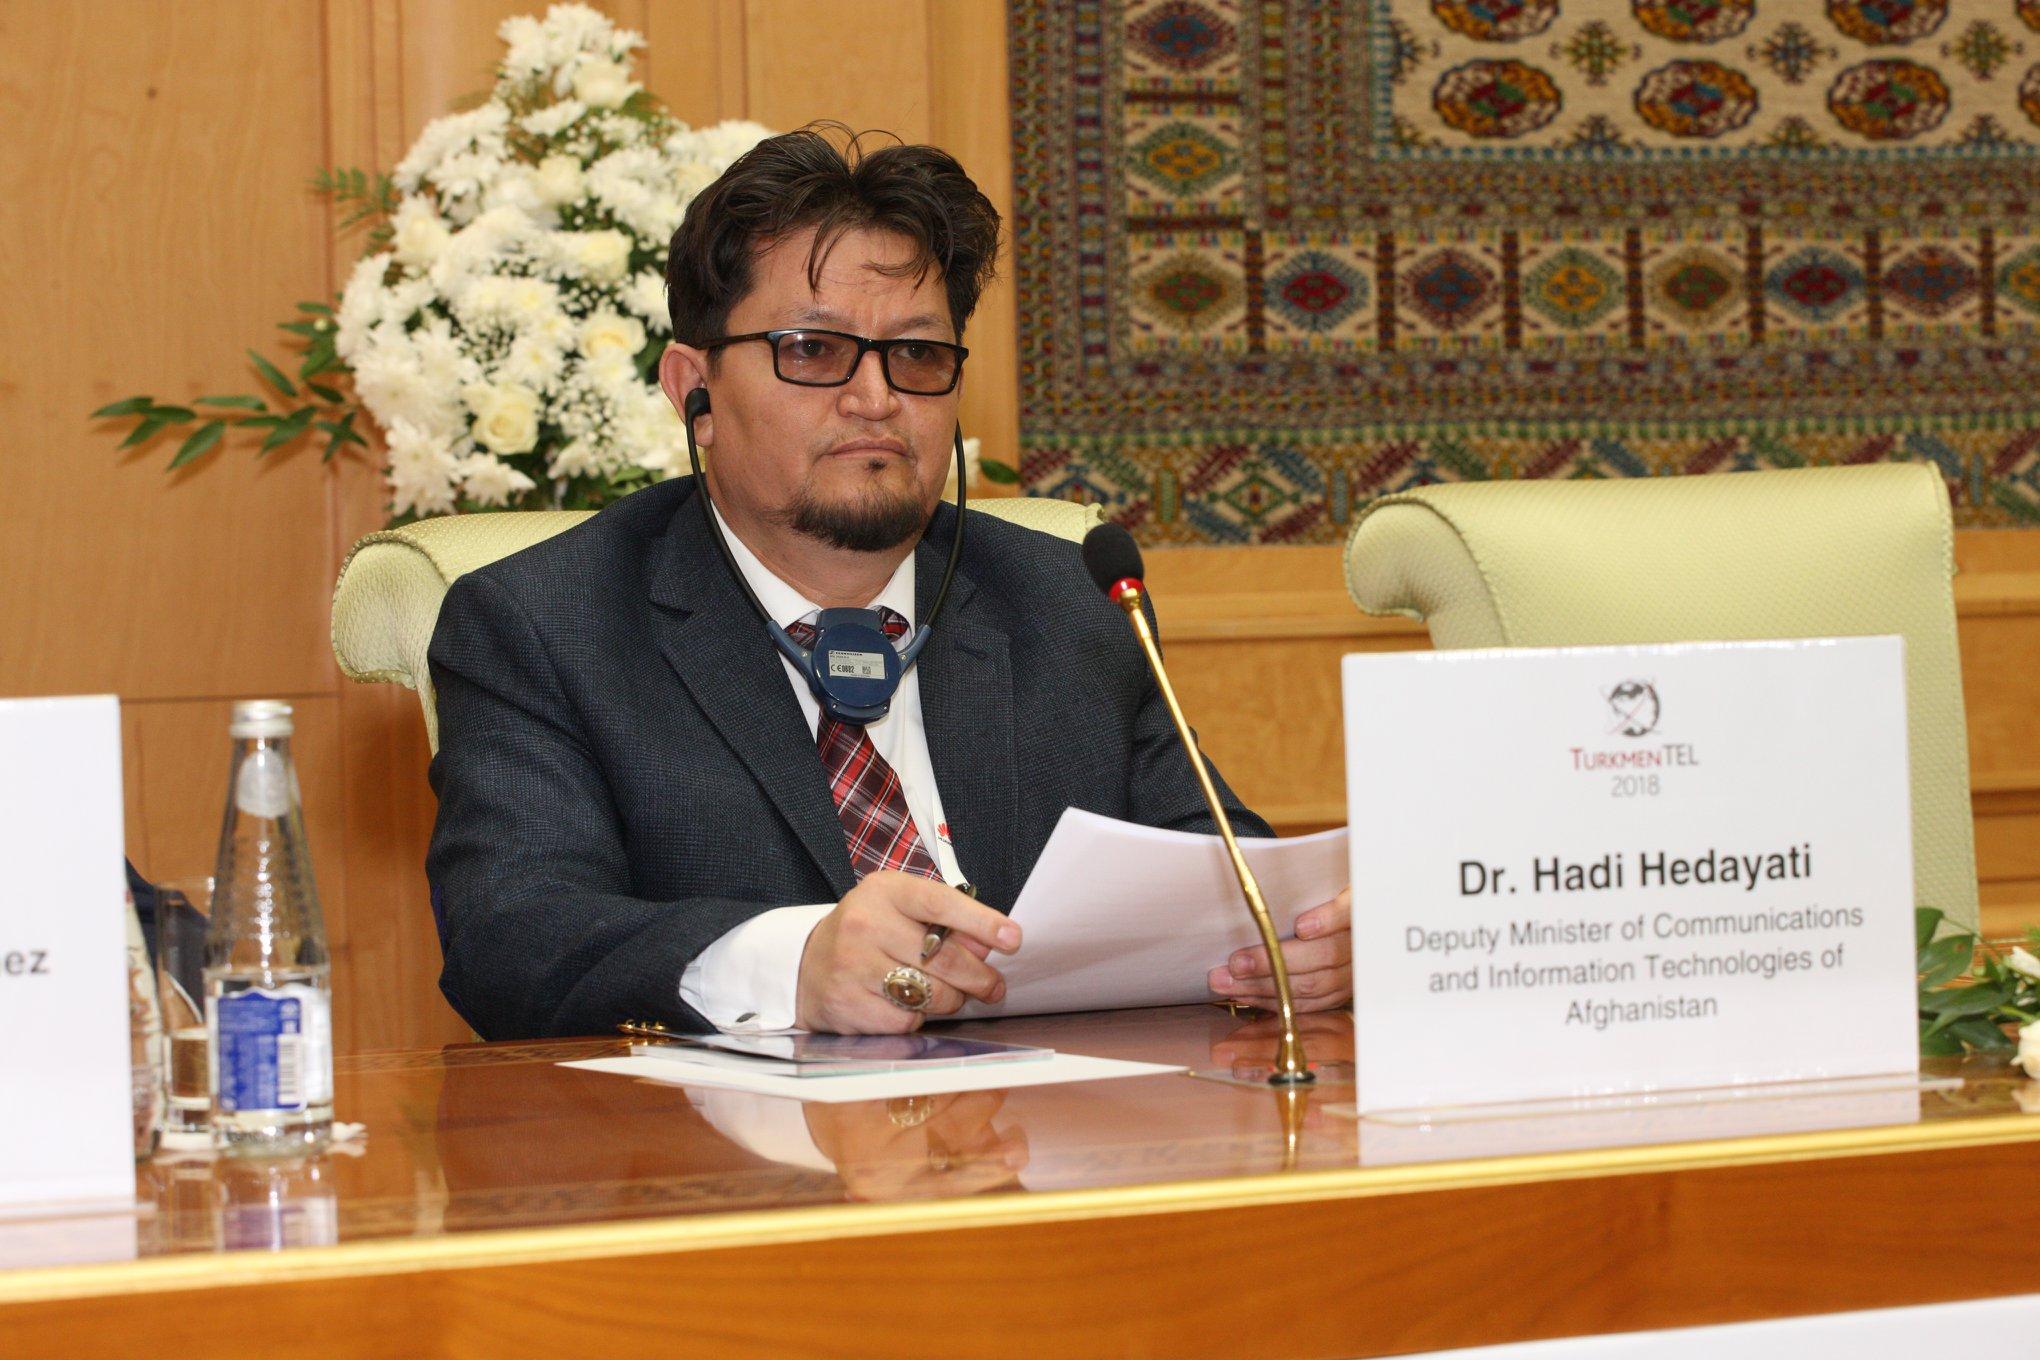 اشتراک پوهنوال داکتر هادی هدایتی معین وزارت مخابرات و هئت همراه شان رییس افغان تیلیکام در پنجاه و سومین جلسه مشترک شورای سران ادارات منطقه ای مخابرات در شهر عشق آباد پایتخت ترکمنستان